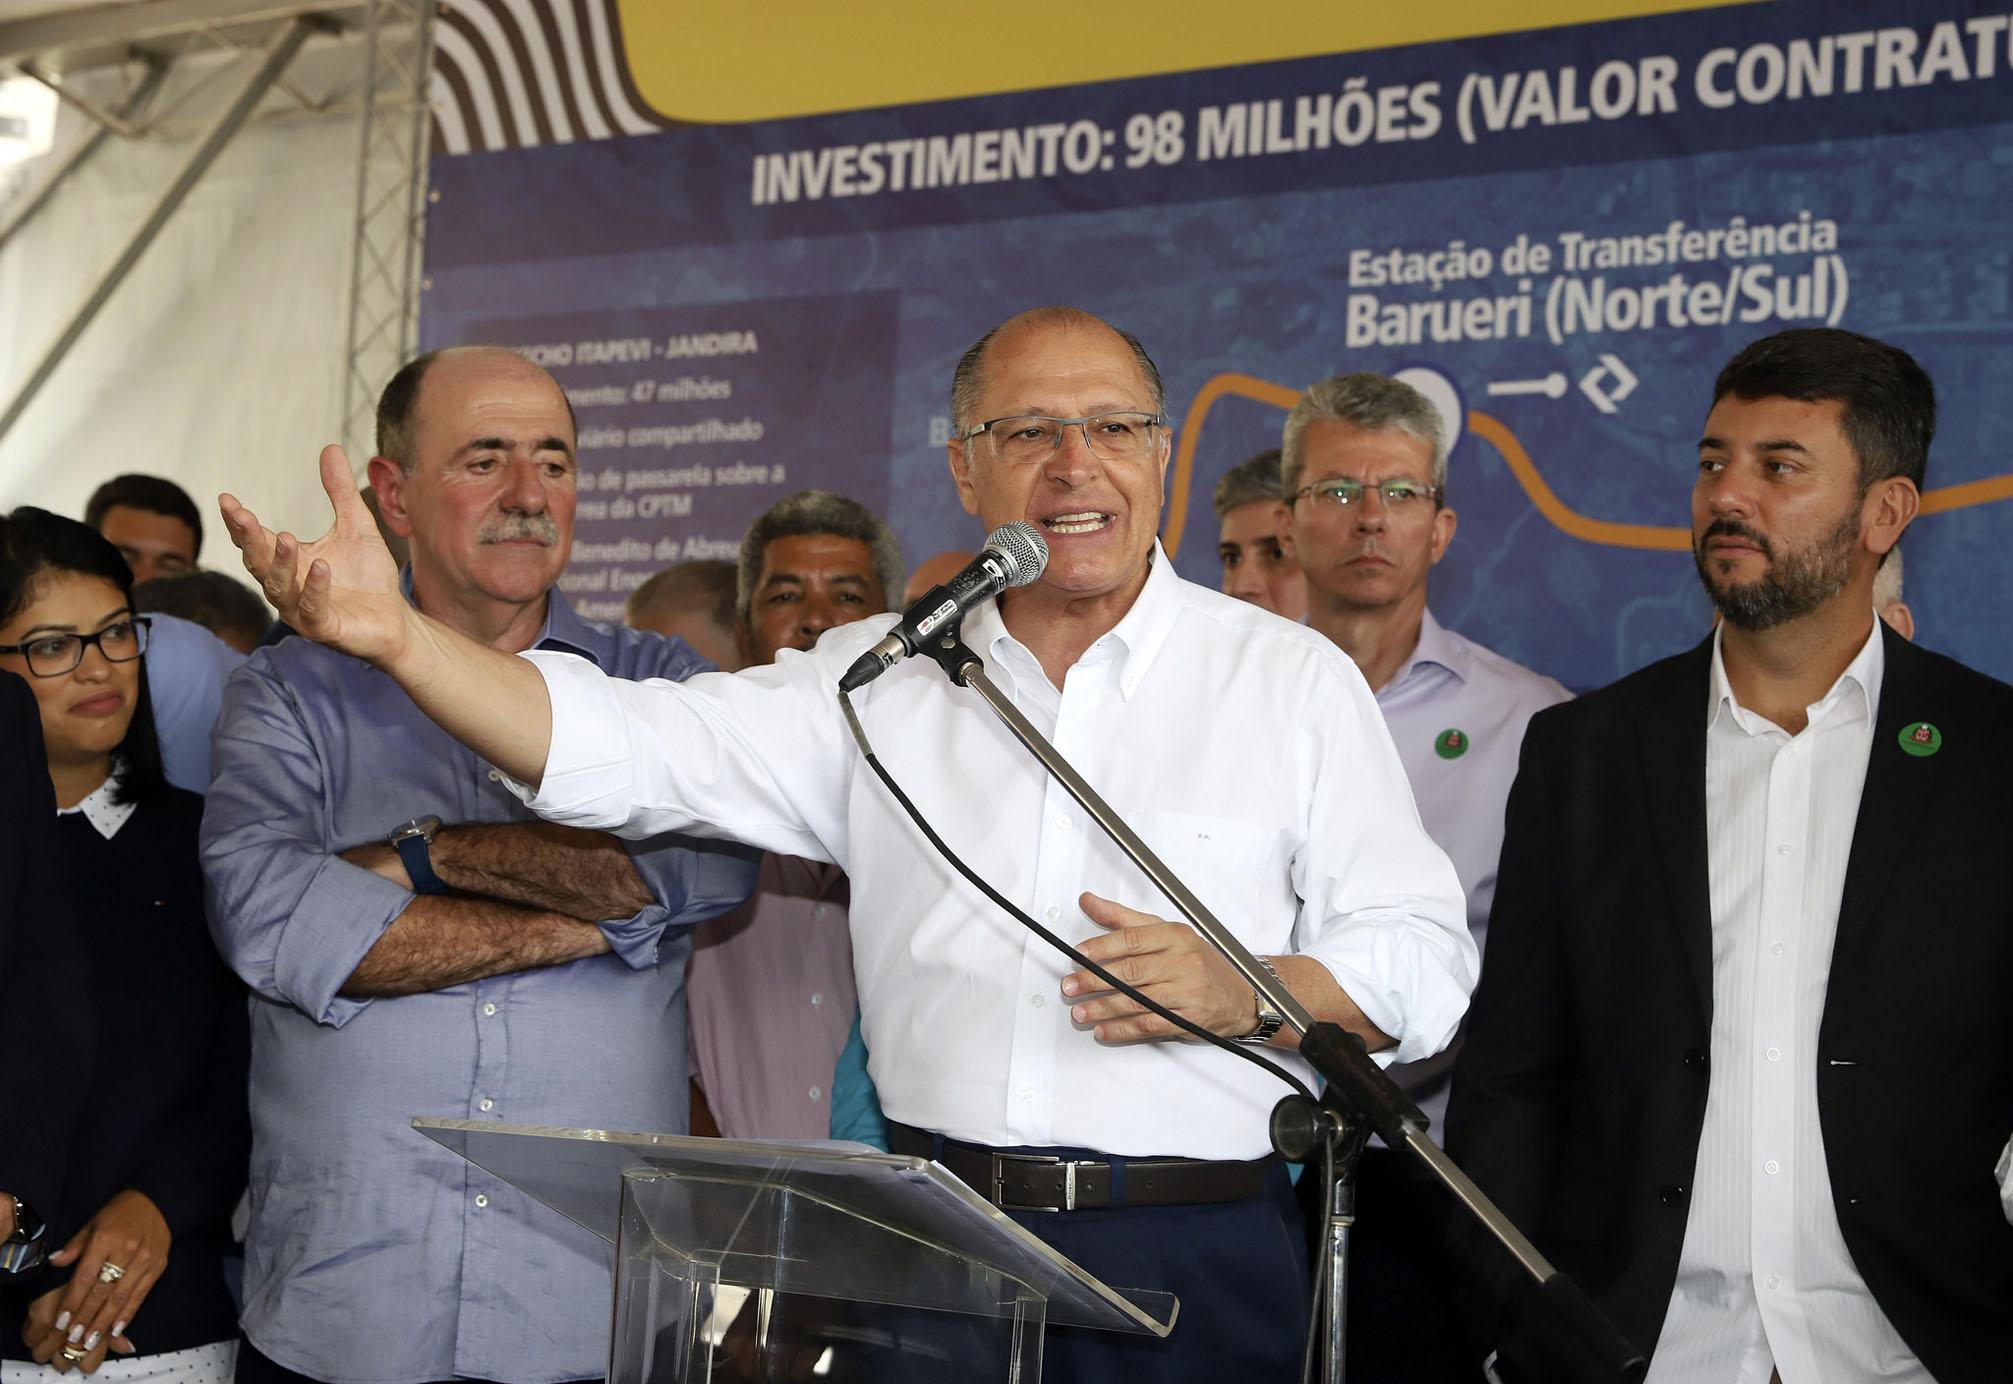 Paraná Pesquisas: Lula lidera e Alckmin tem 63% de rejeição; veja íntegra